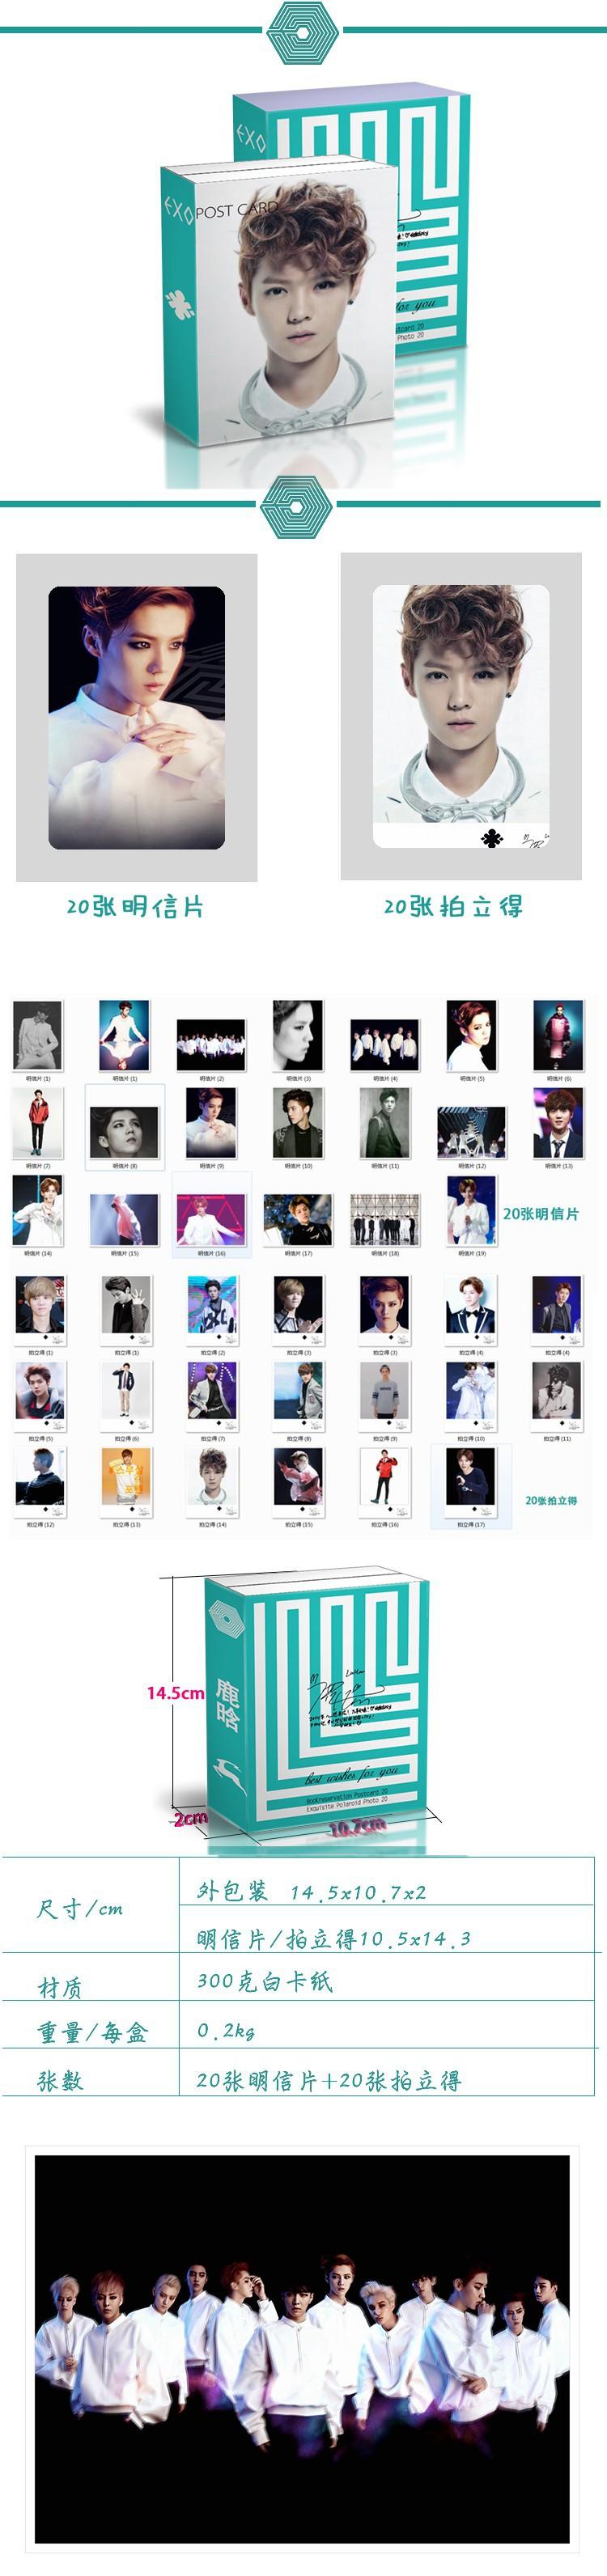 Поздравительная открытка Kpop SHINee polaroid